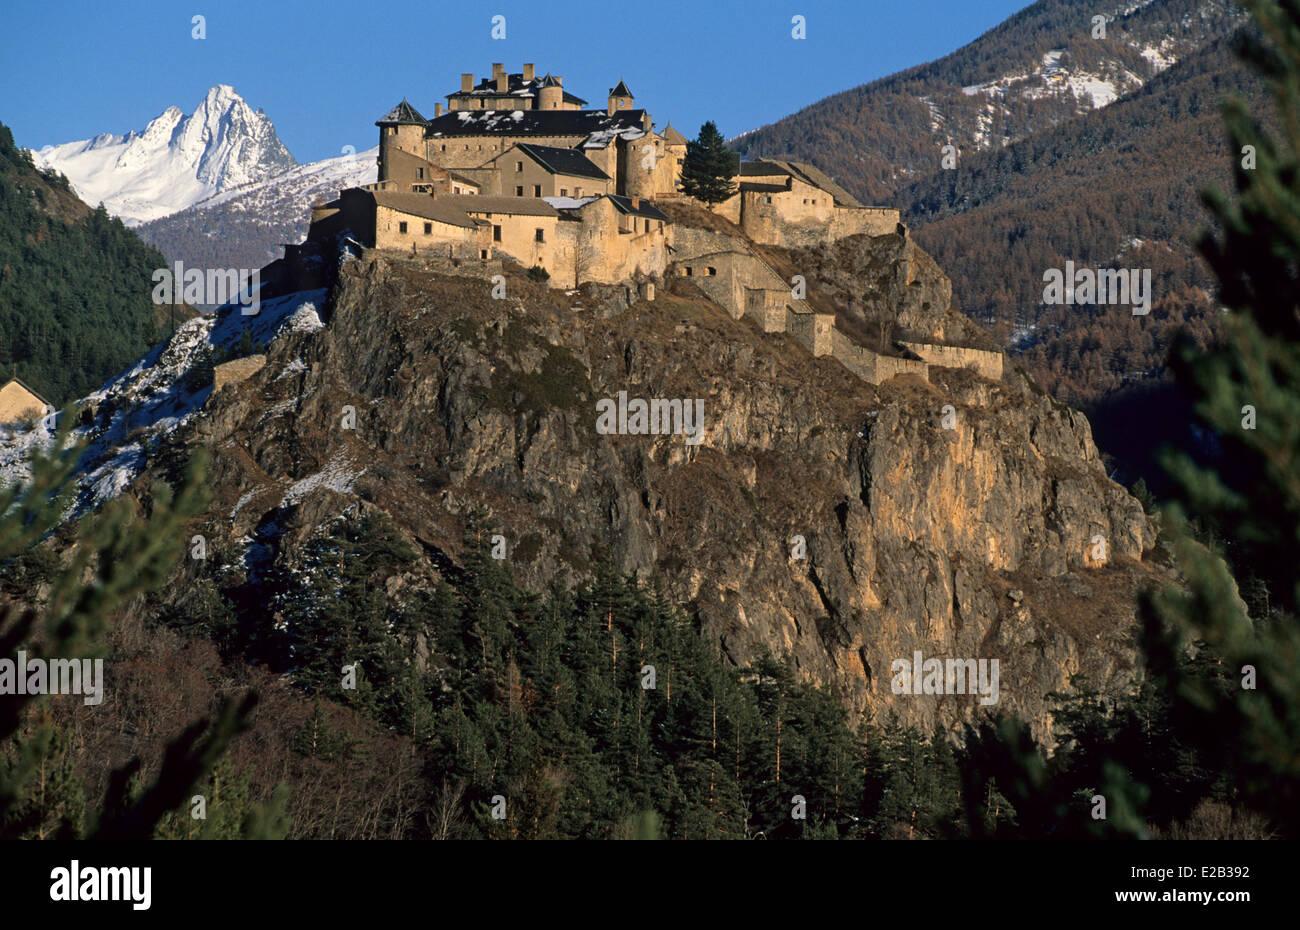 france hautes alpes chateau ville vieille fort queyras. Black Bedroom Furniture Sets. Home Design Ideas